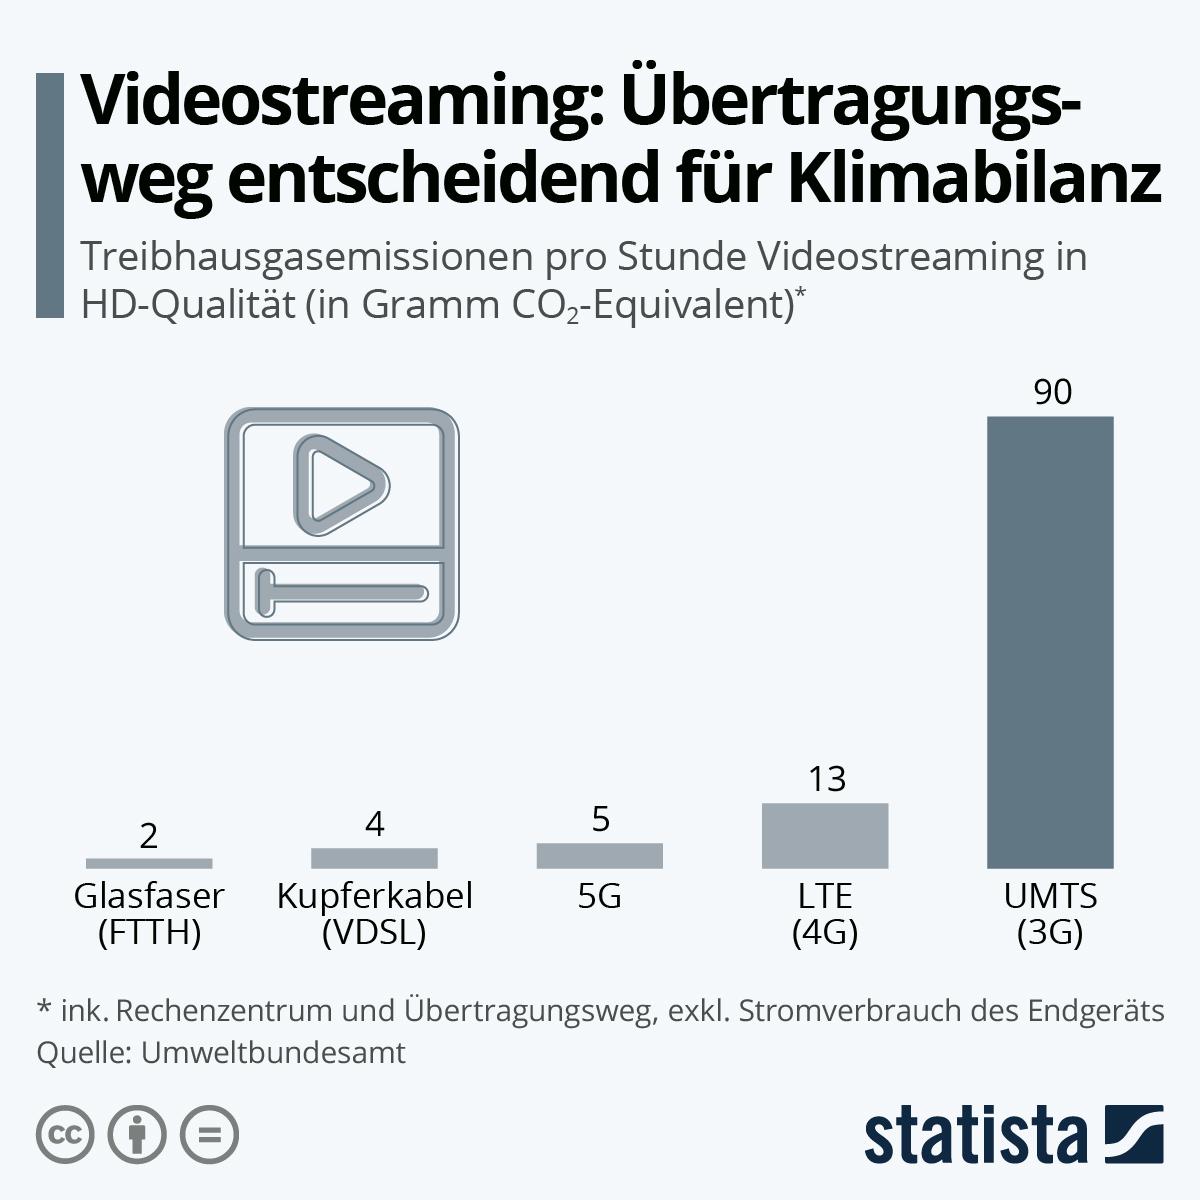 Infografik: Videostreaming: Übertragungsweg entscheidend für Klimabilanz | Statista